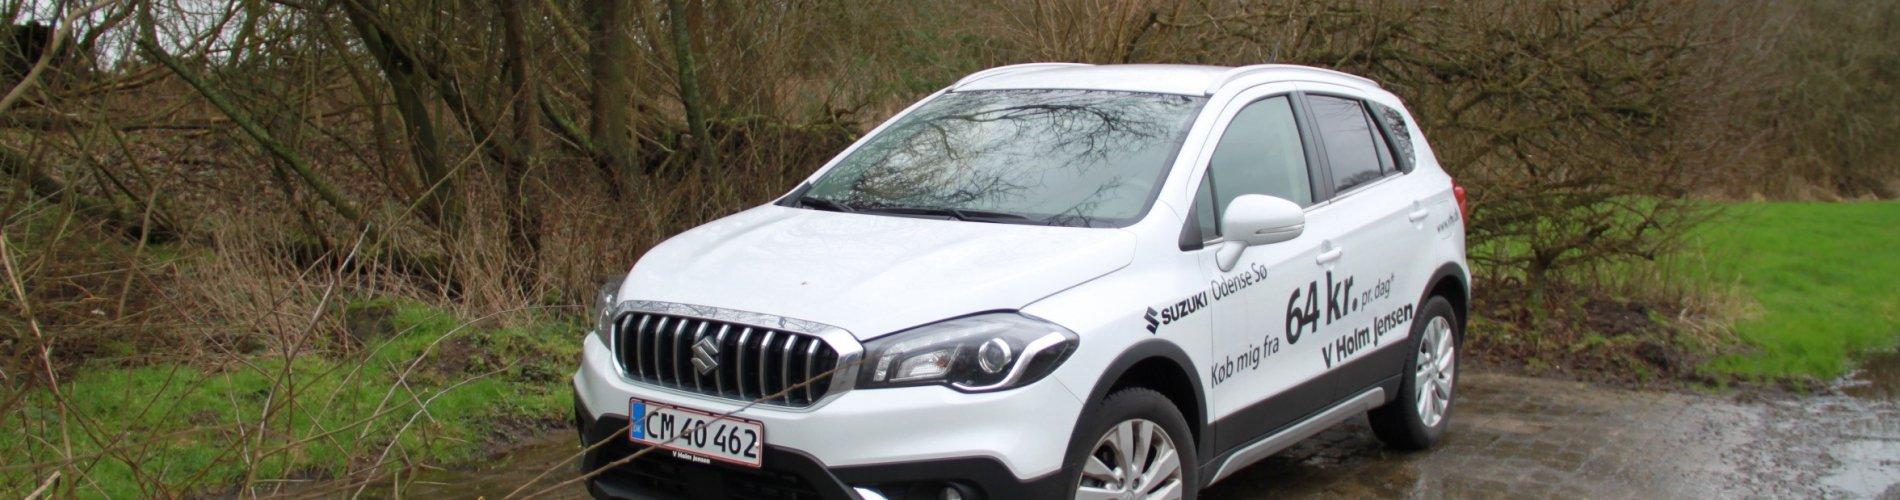 Suzuki S-Cross 2020 forende